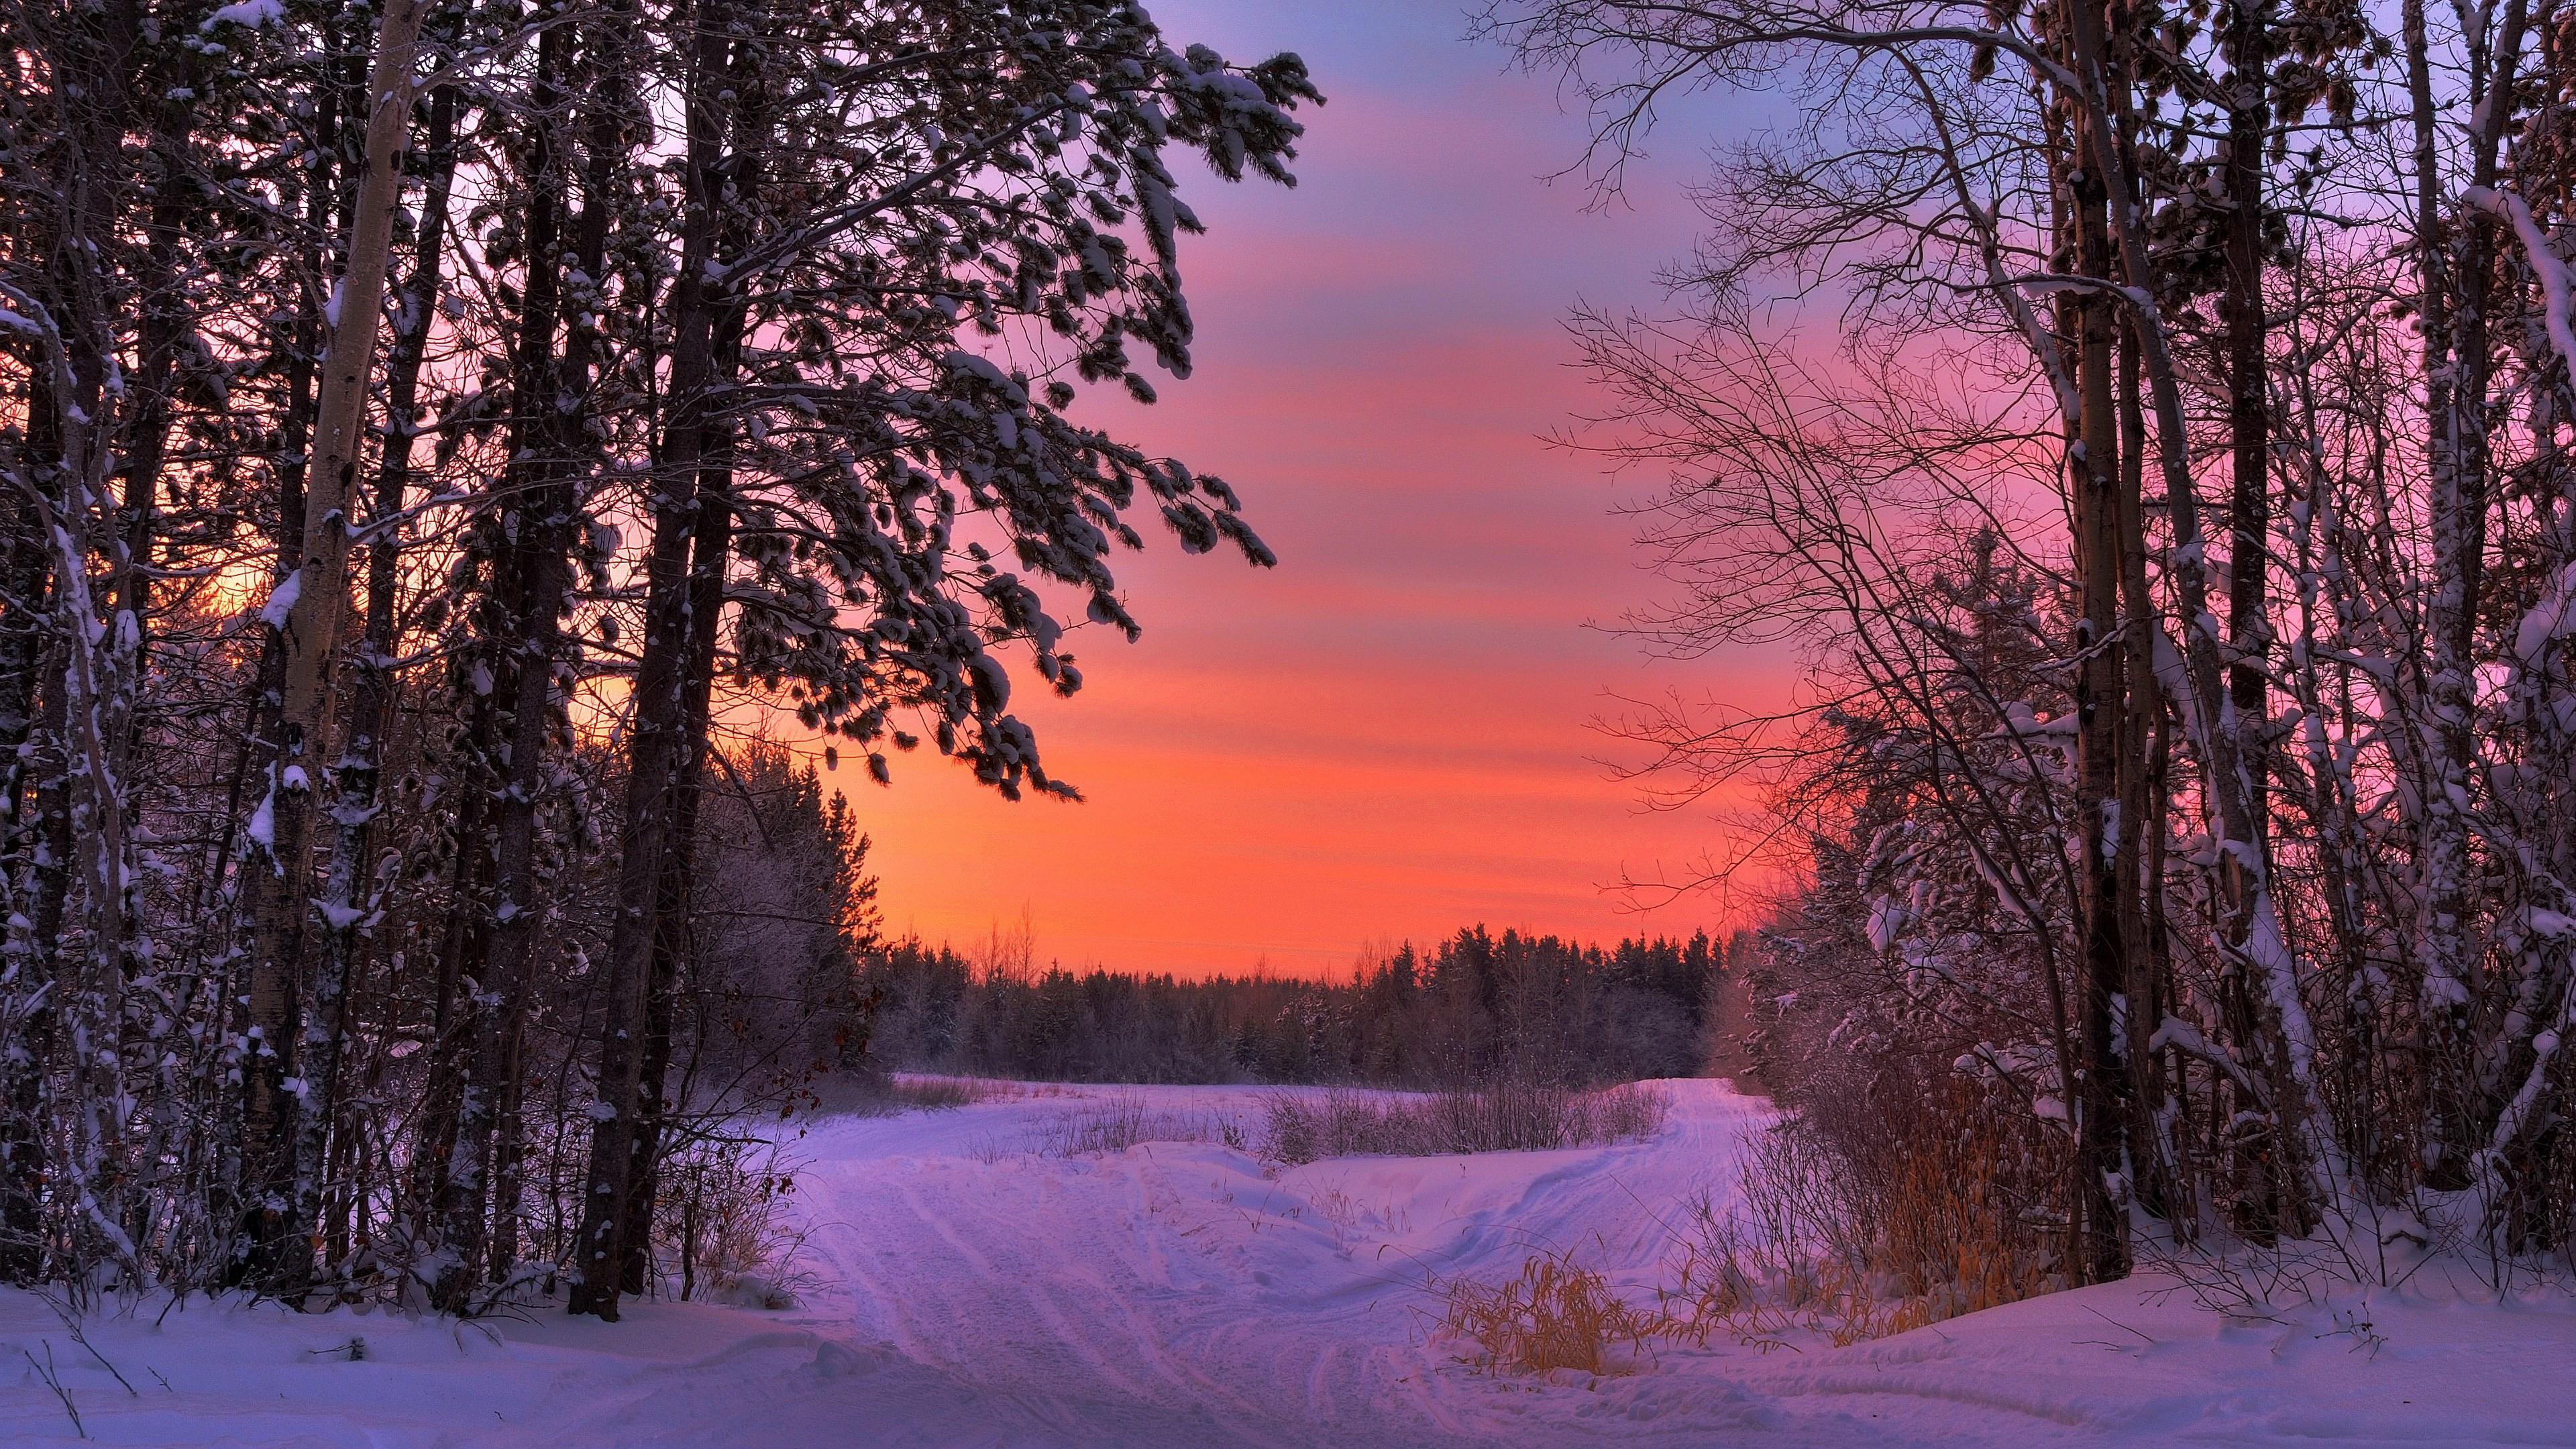 Desktop Wallpaper Winter Scenes (47+ pictures)